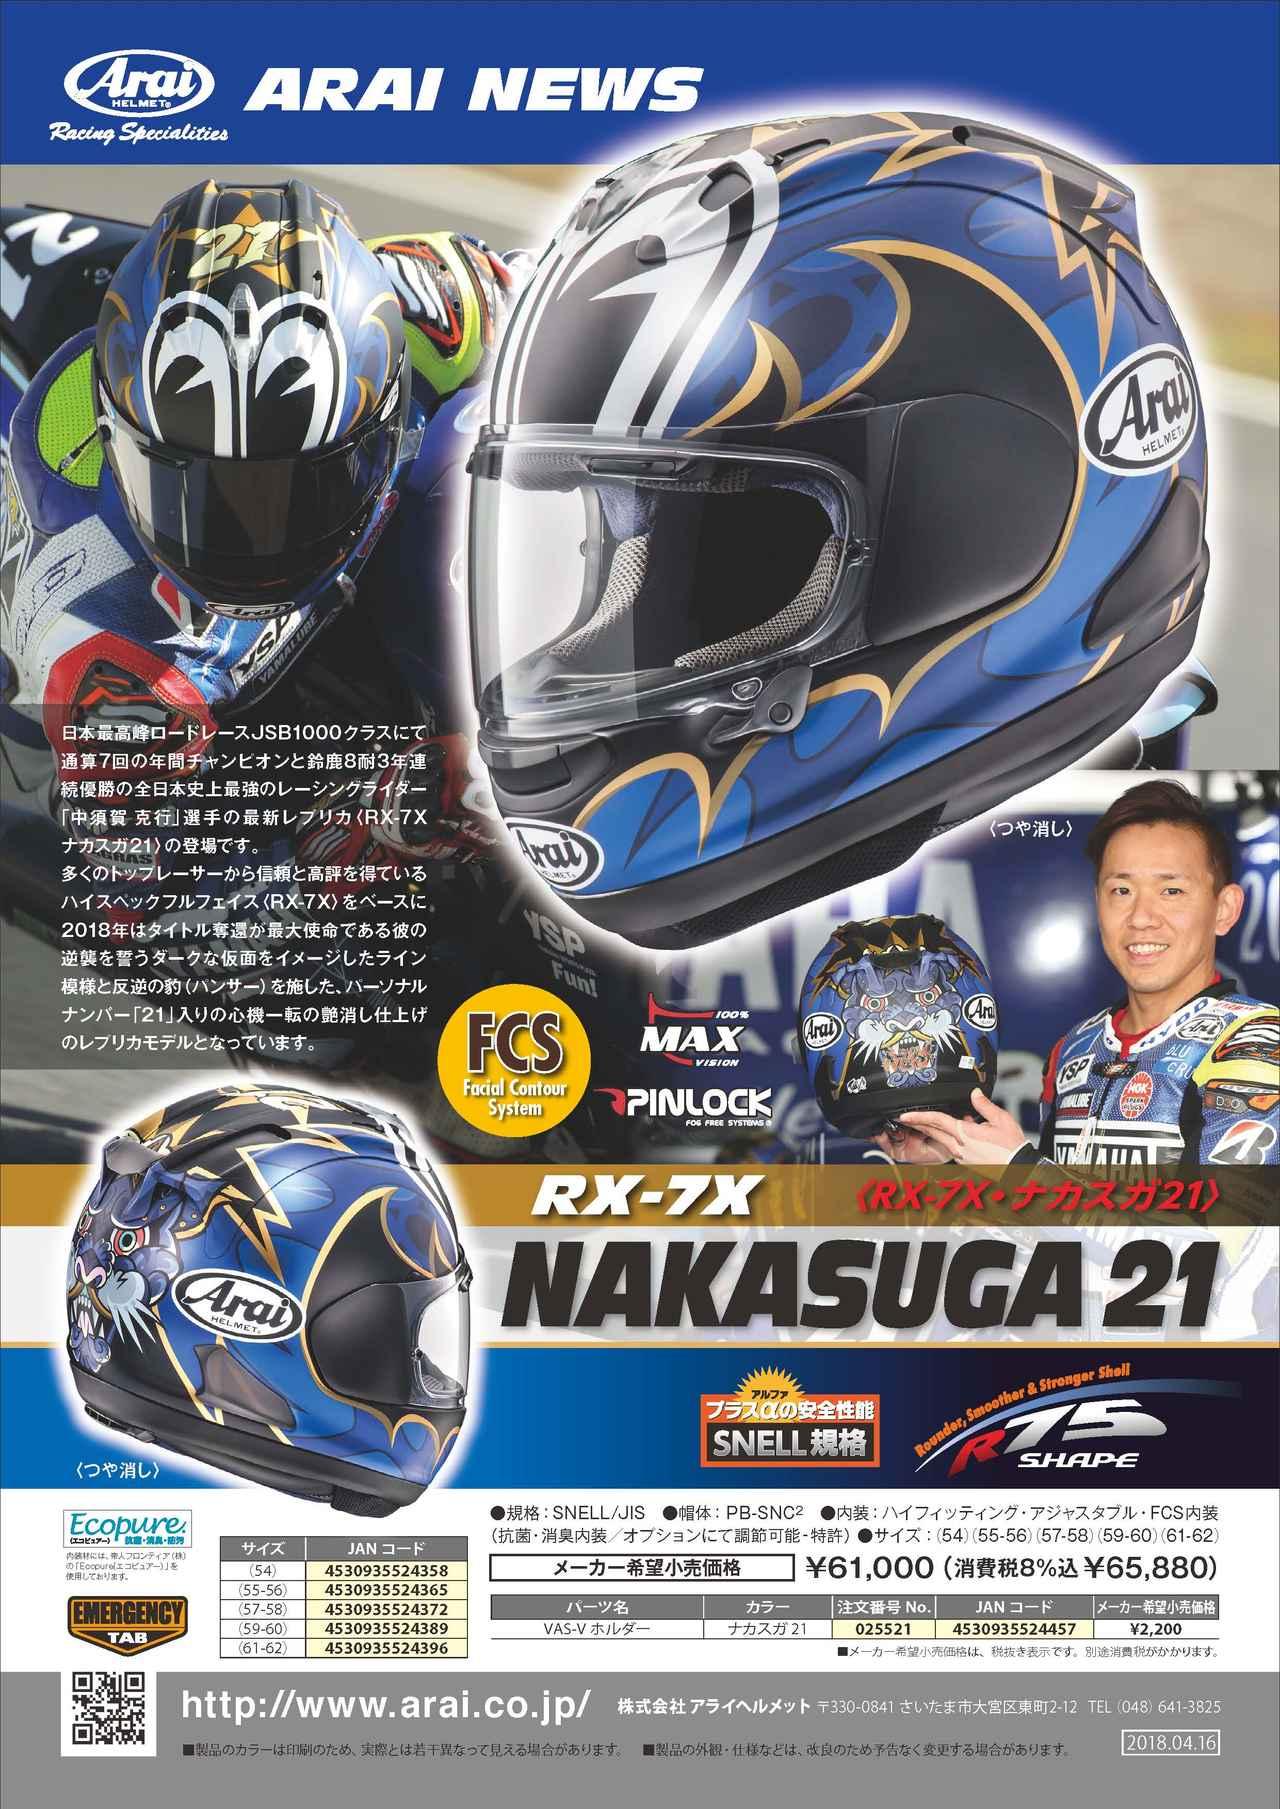 画像3: アライヘルメット RX-7X NAKASUGA 21(つや消し)